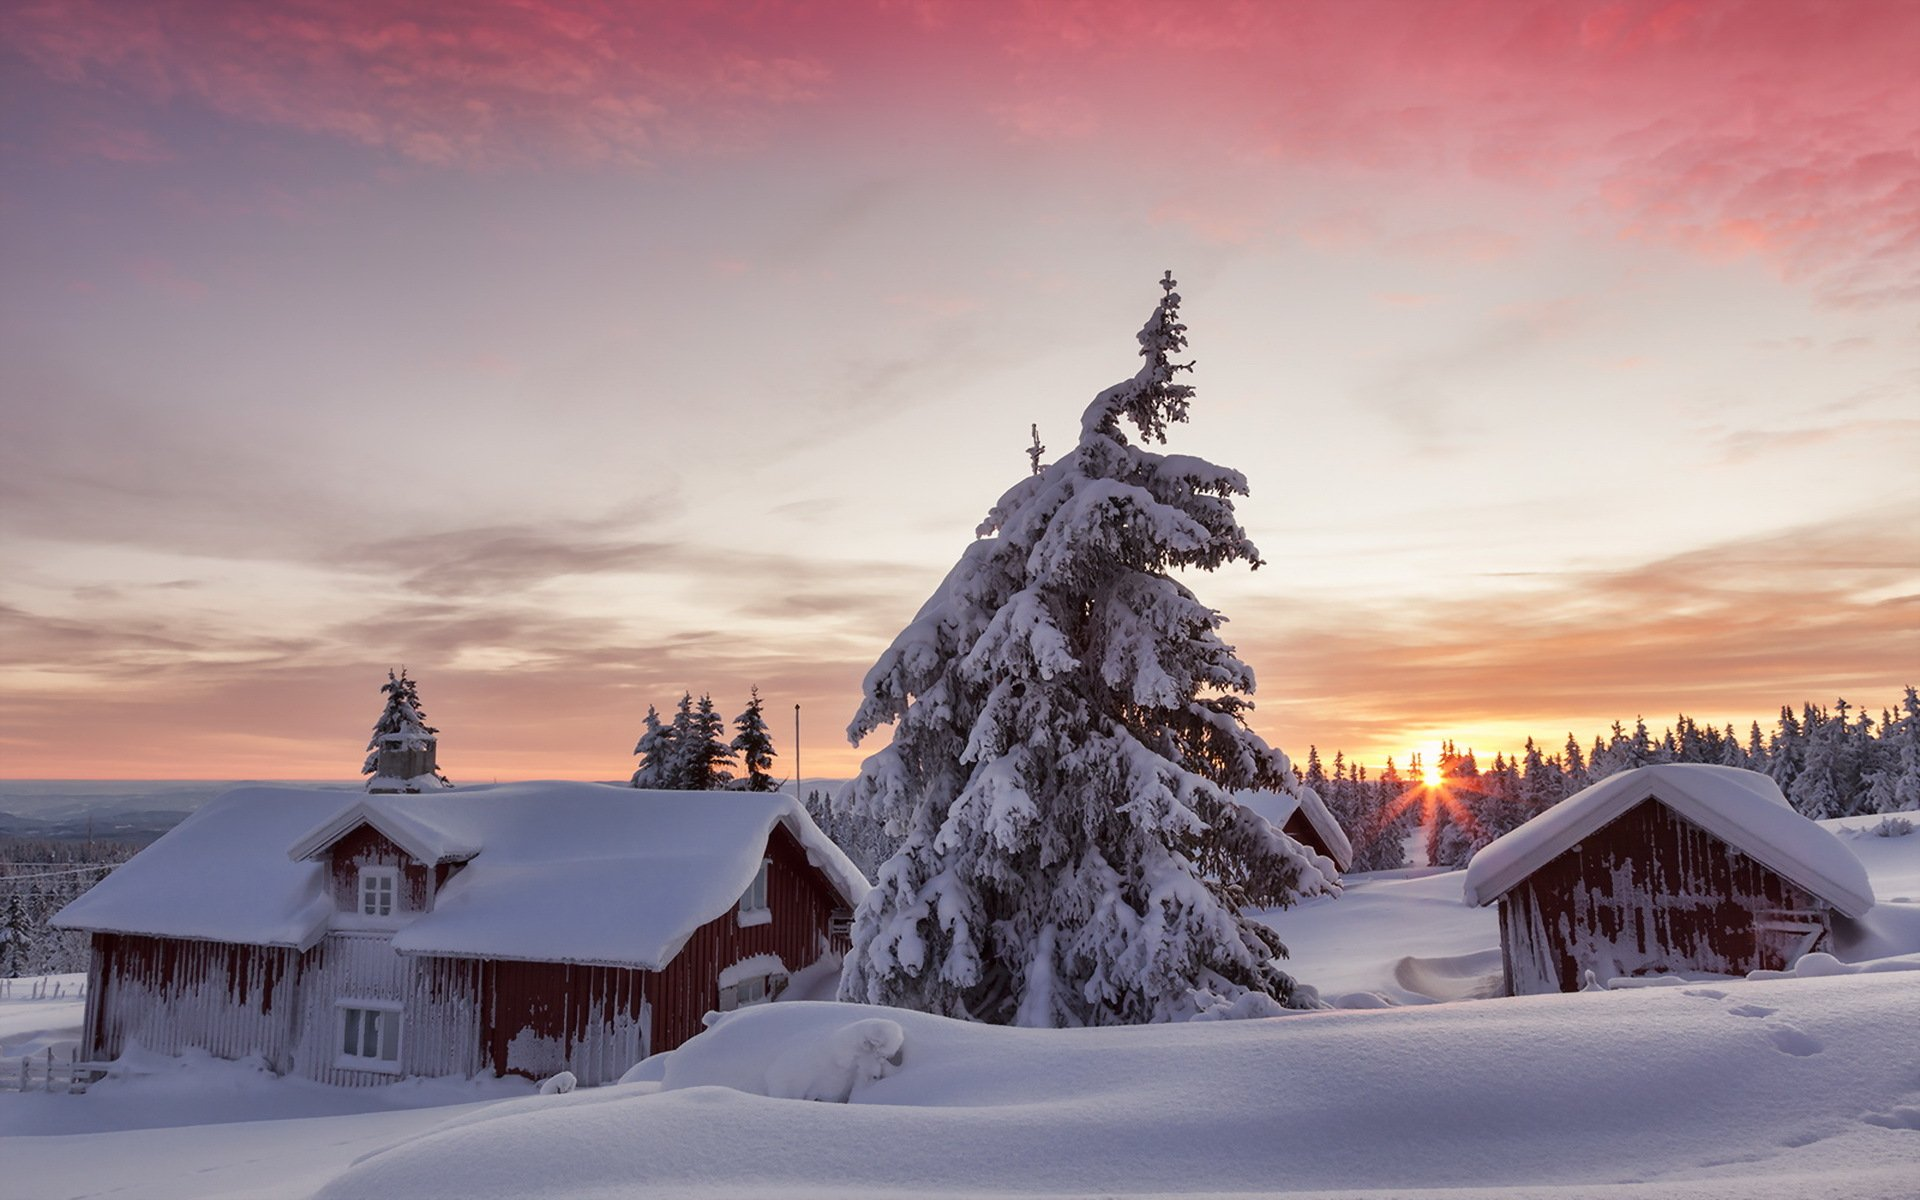 обои на рабочий стол русская зима в деревне дома создают